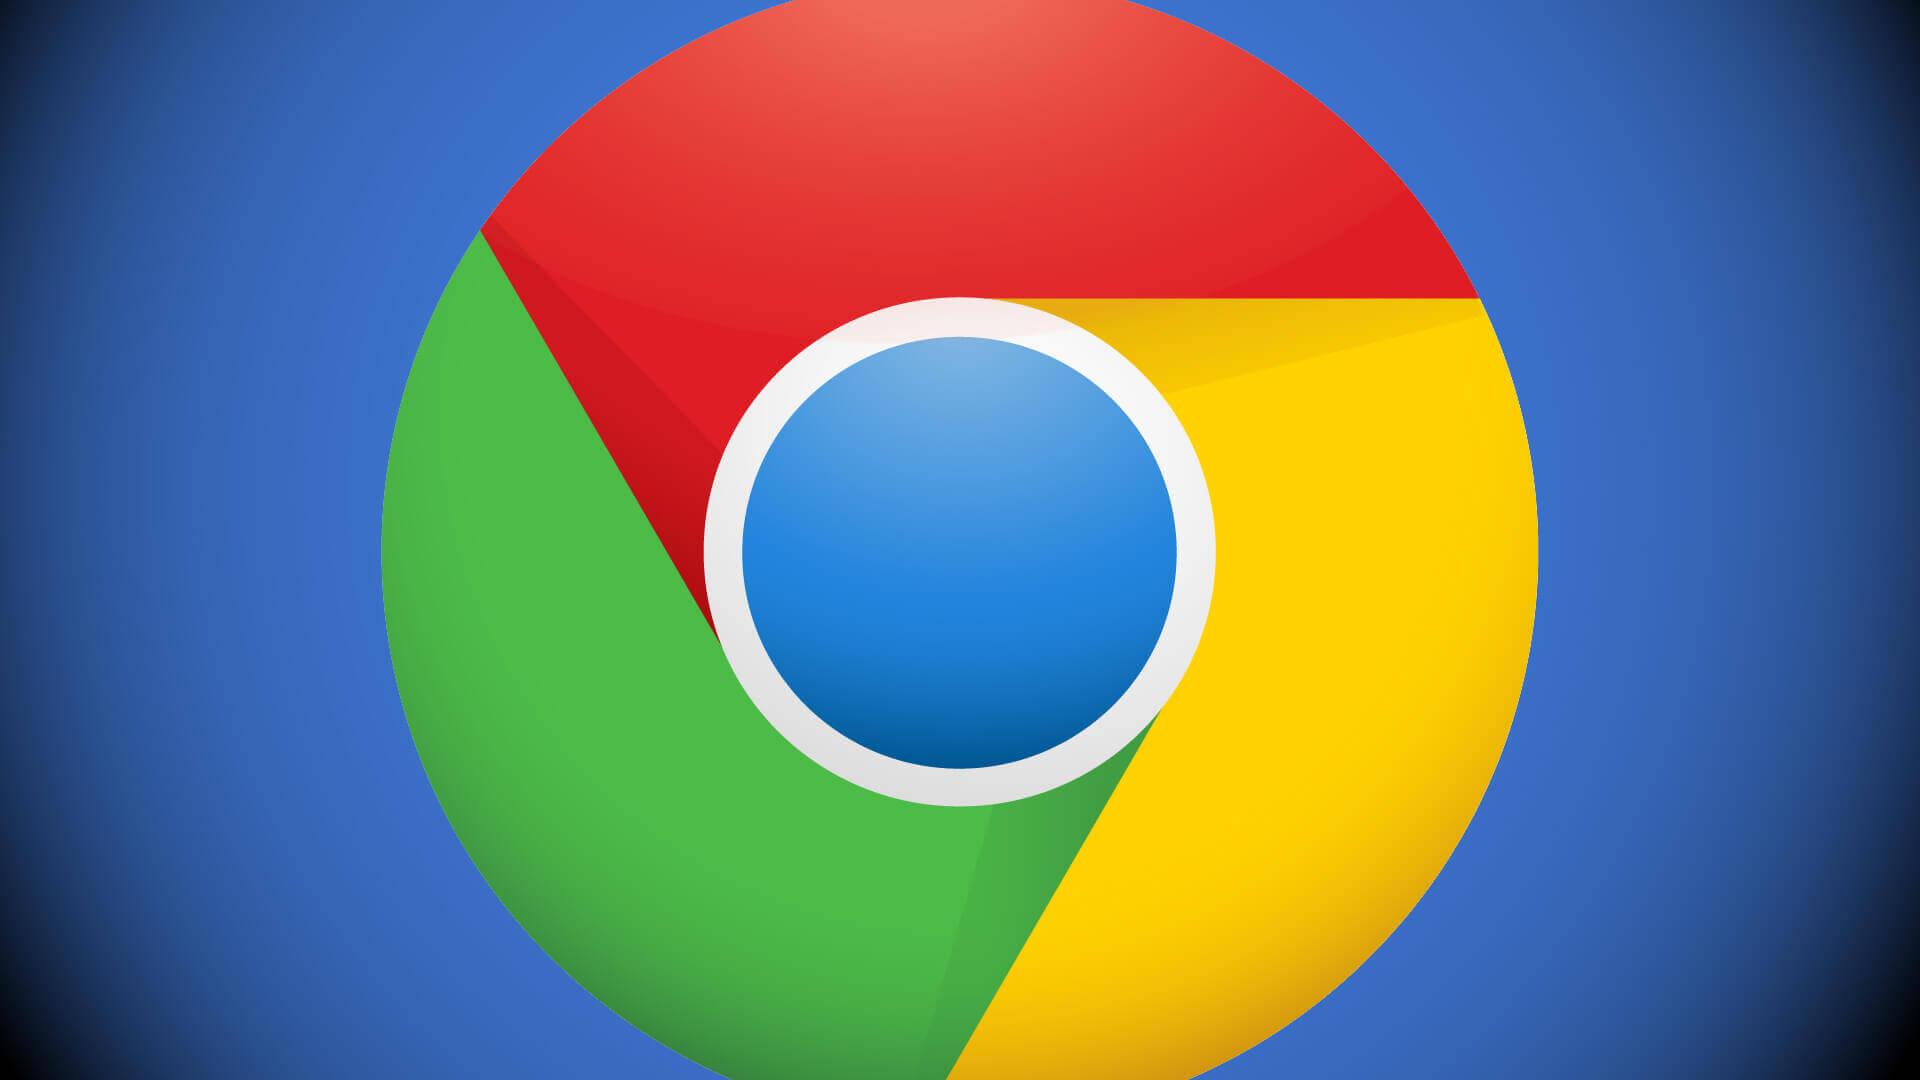 Google chrome logo 1920